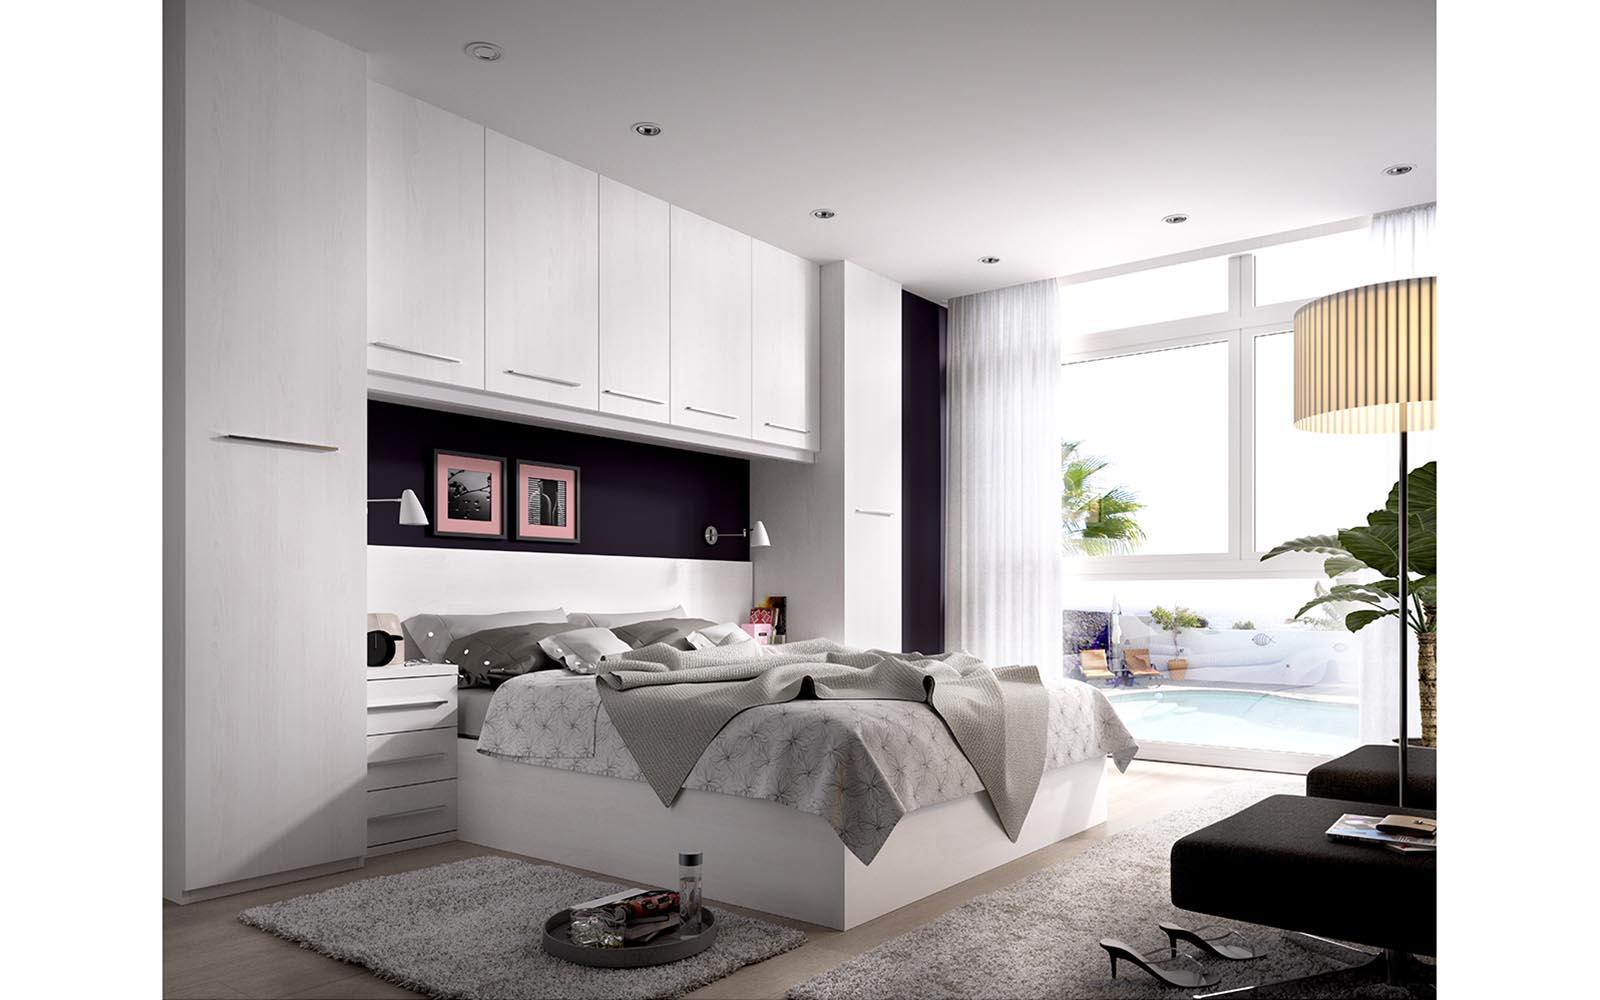 Dormitorio moderno ferpi muebles - Dormitorios con puente ...